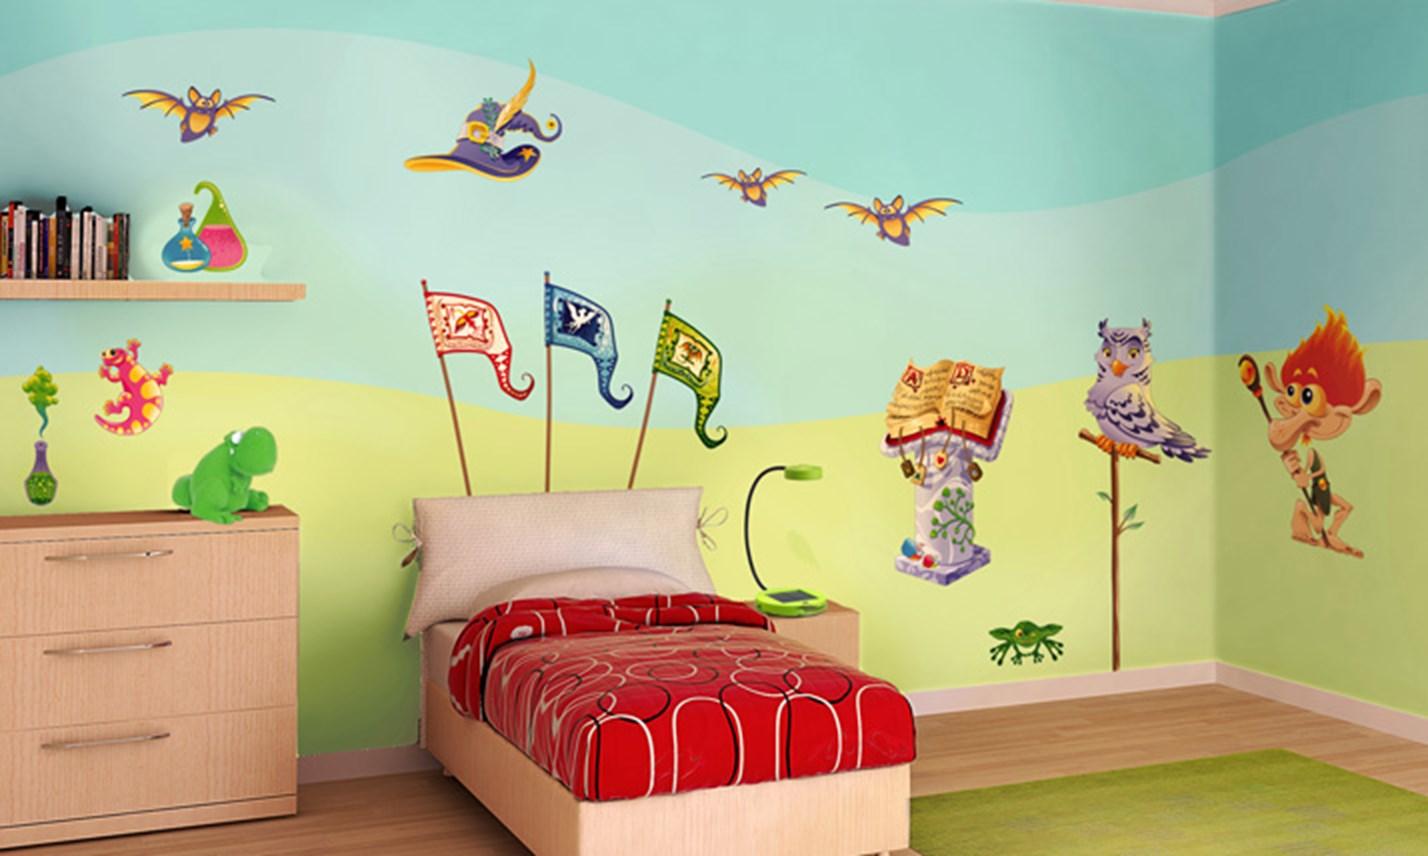 Excellent decora le pareti della stanza del tuo bambino - Adesivi murali bambini ikea ...